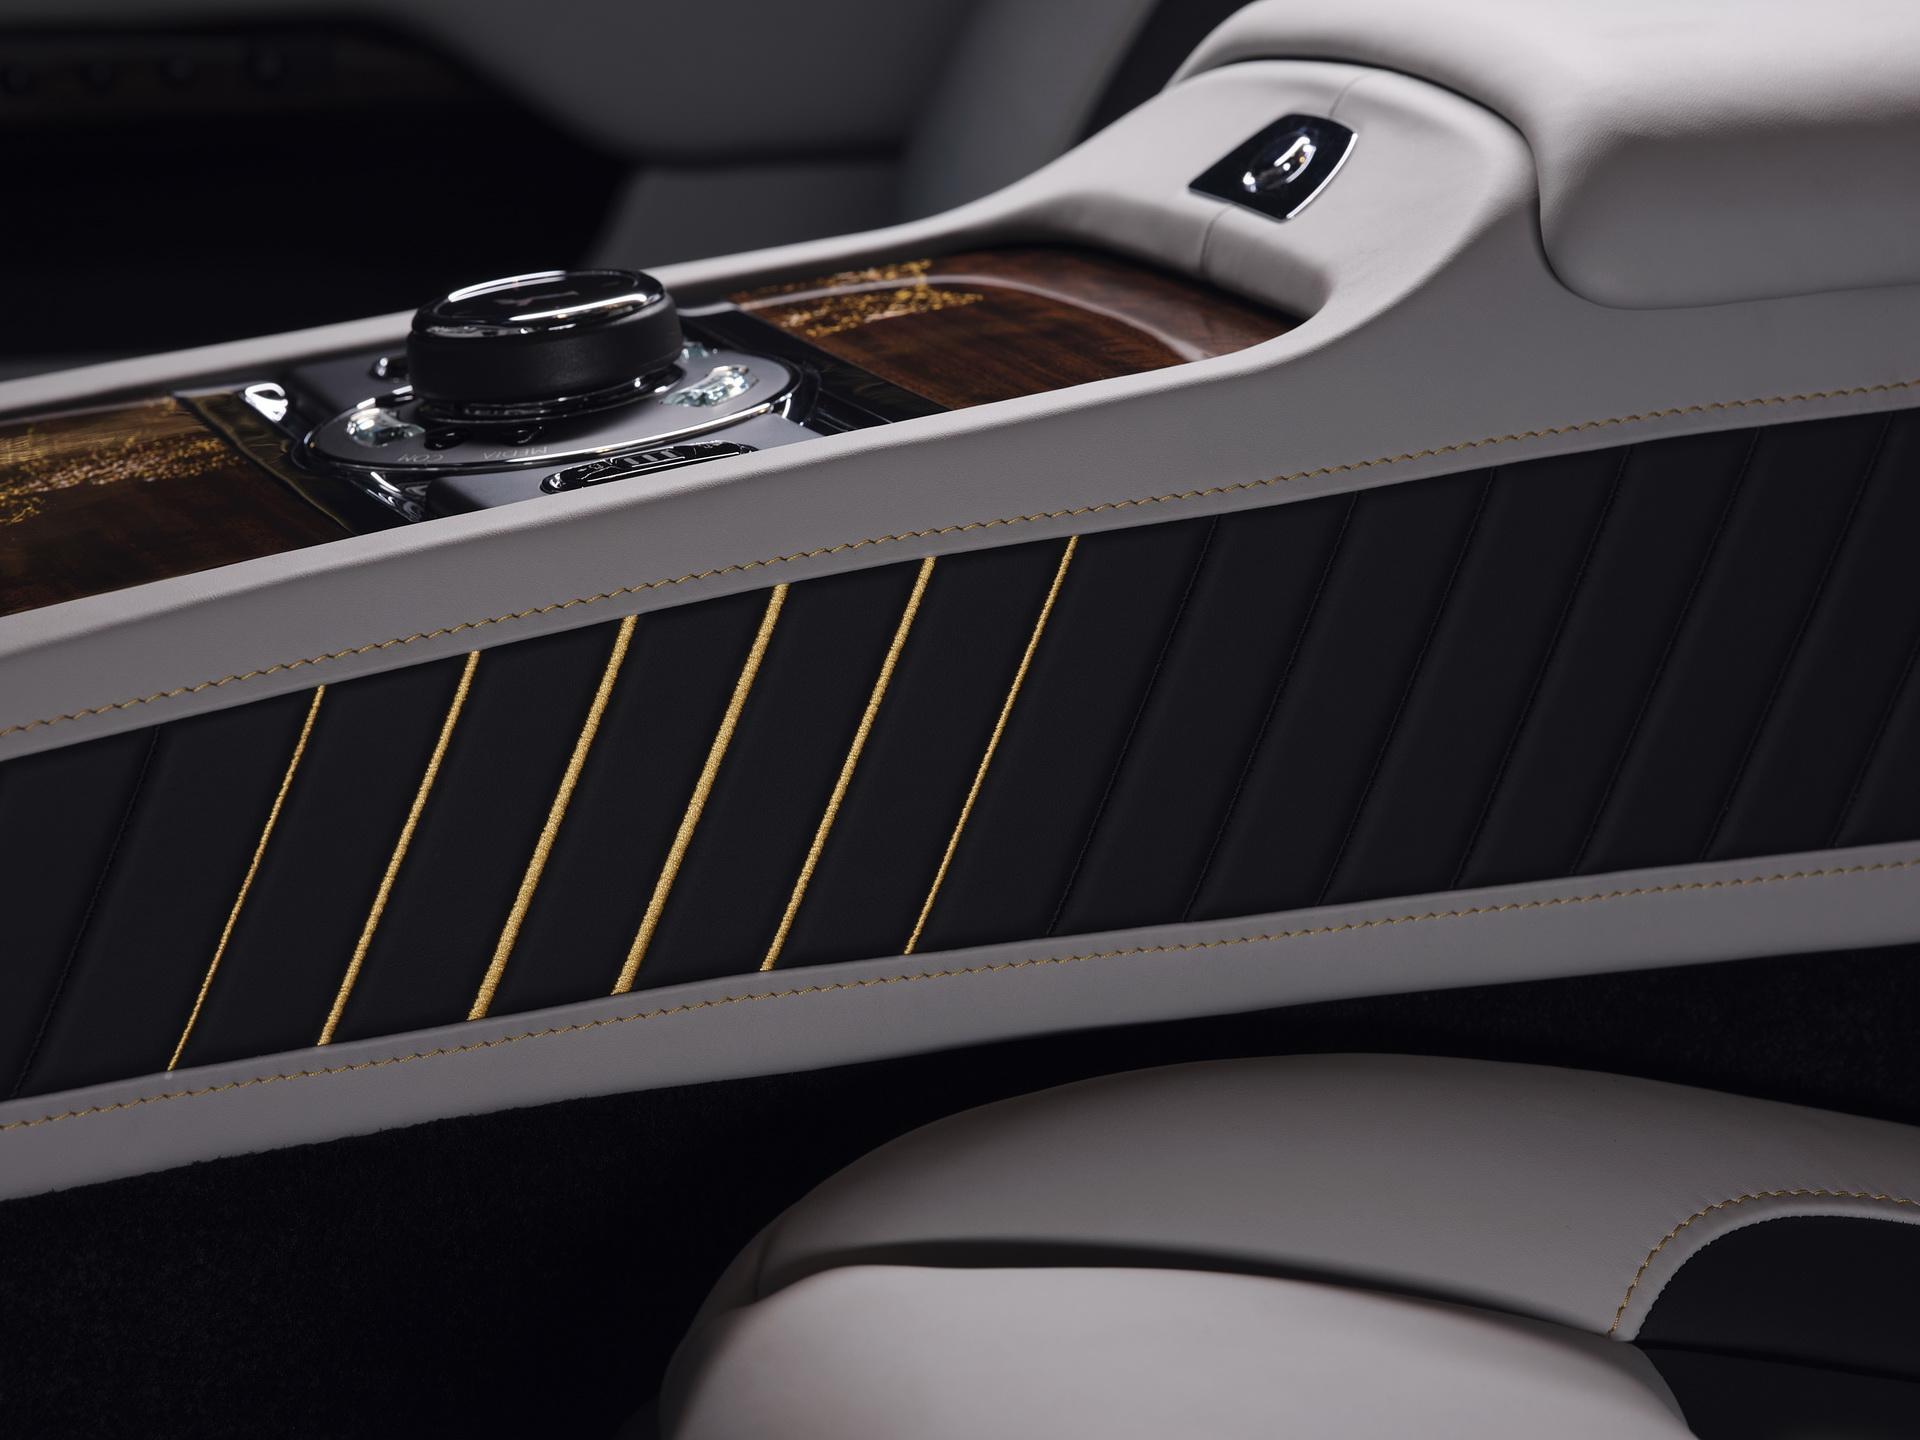 Rolls-Royce Wraith Eagle VIII ra mắt với 50 câu chuyện lịch sử của thế kỉ 20 Ảnh 4